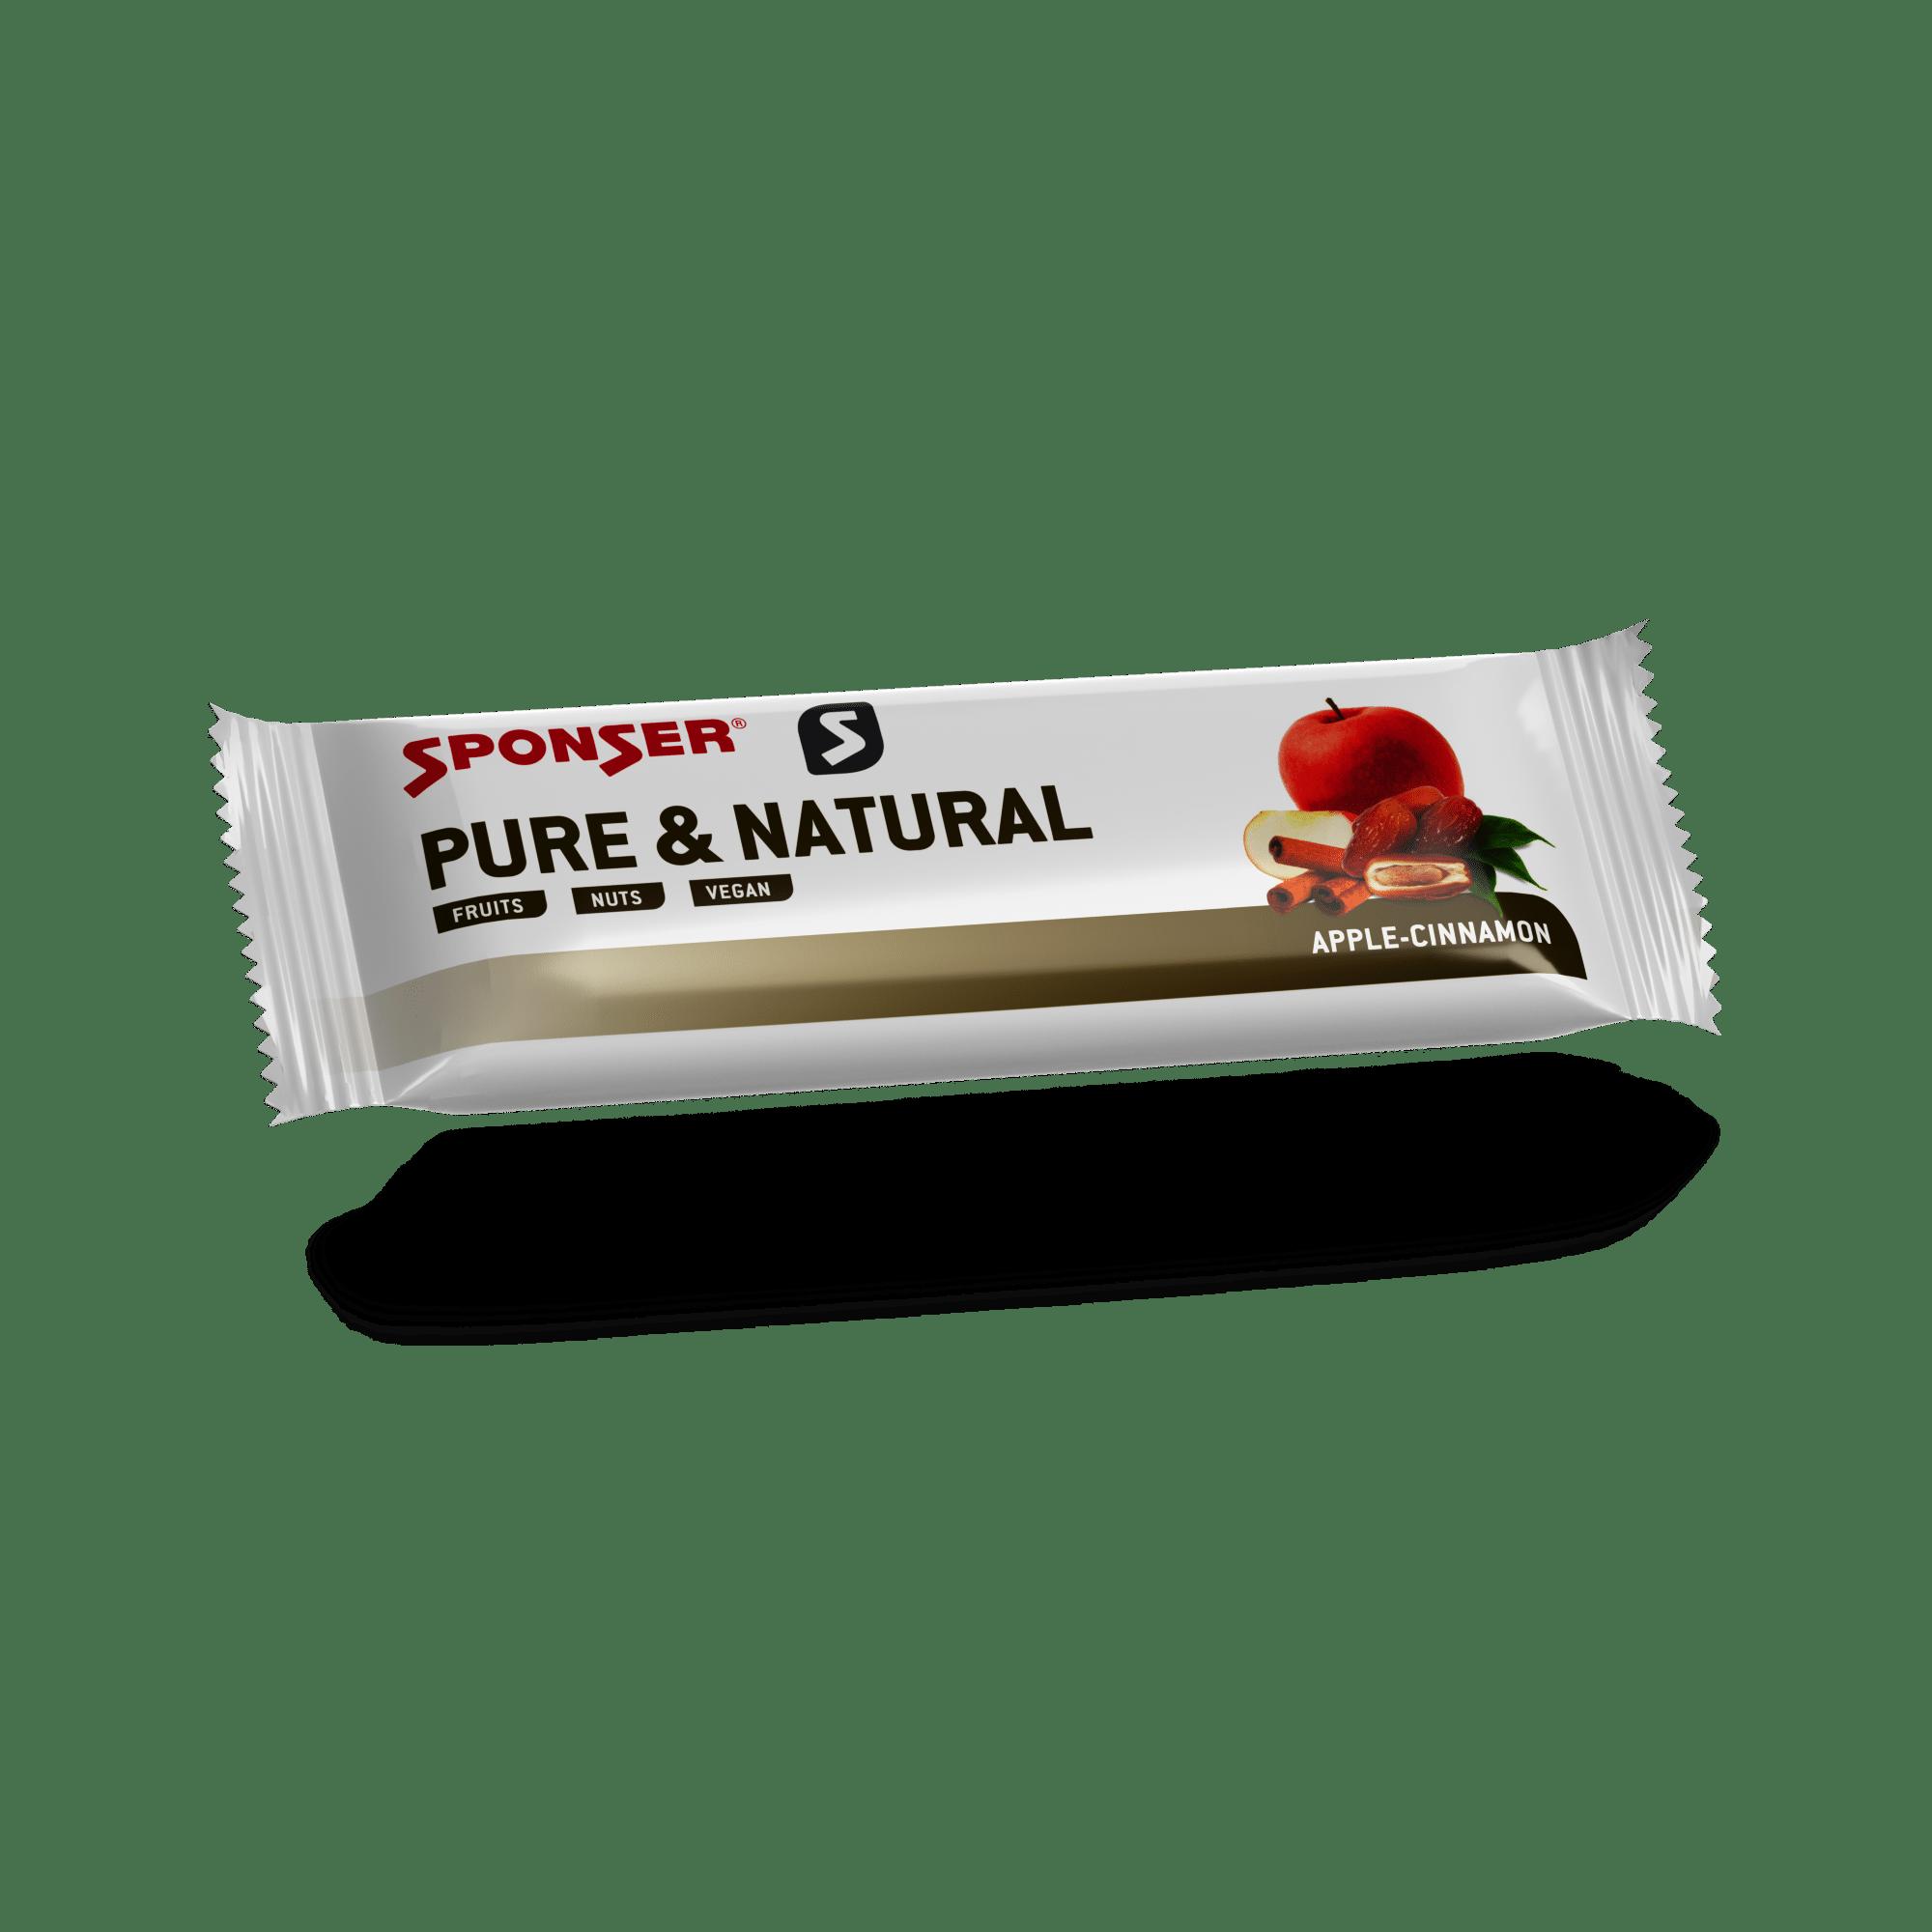 חטיפי אנרגיה Sponser Energy Bar PURE & NATURAL Apple-Cinnamon